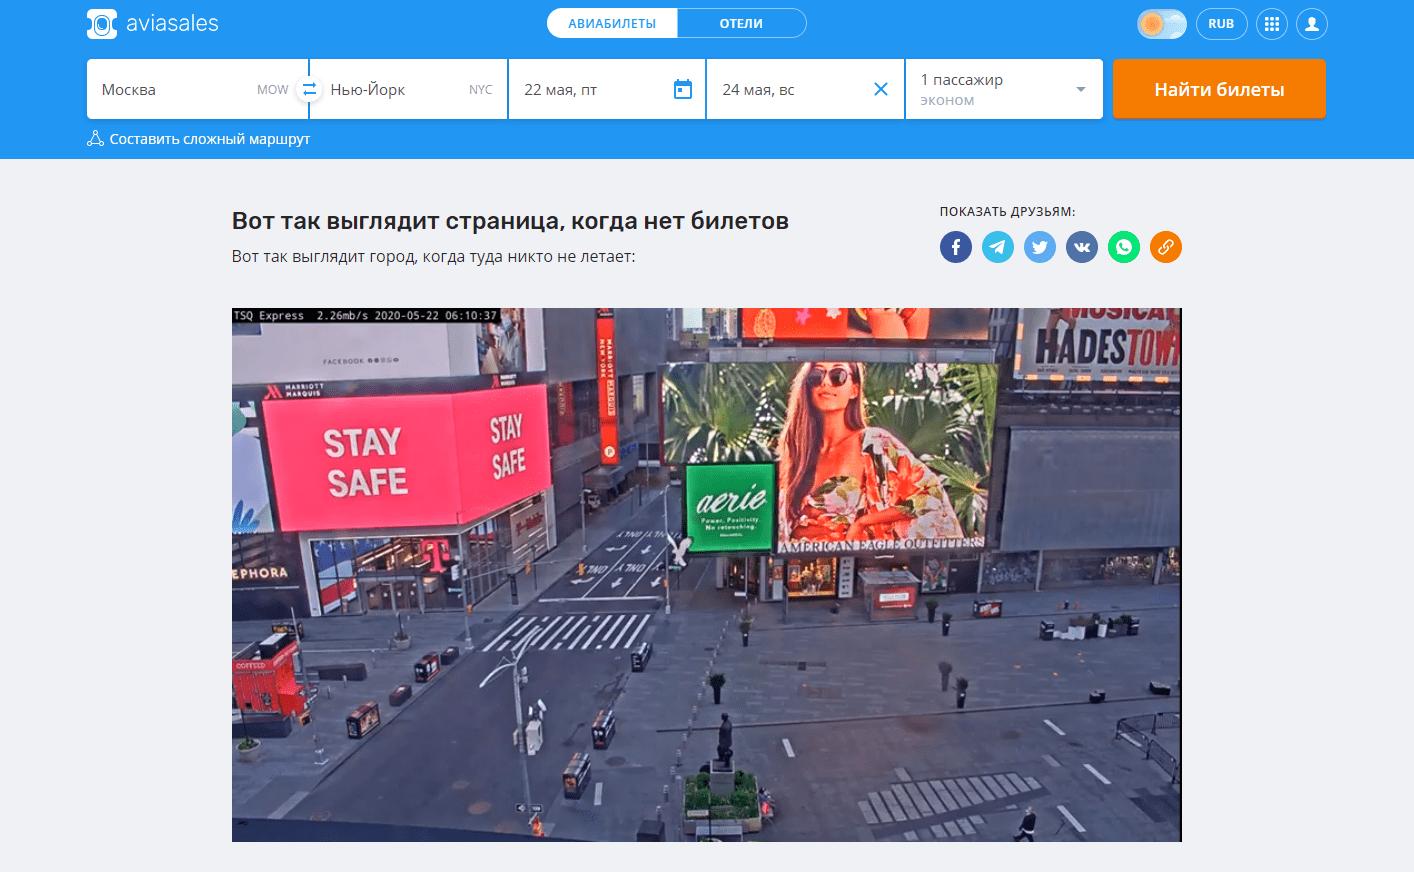 Aviasales начал показывать трансляции с городских камер (snimok)